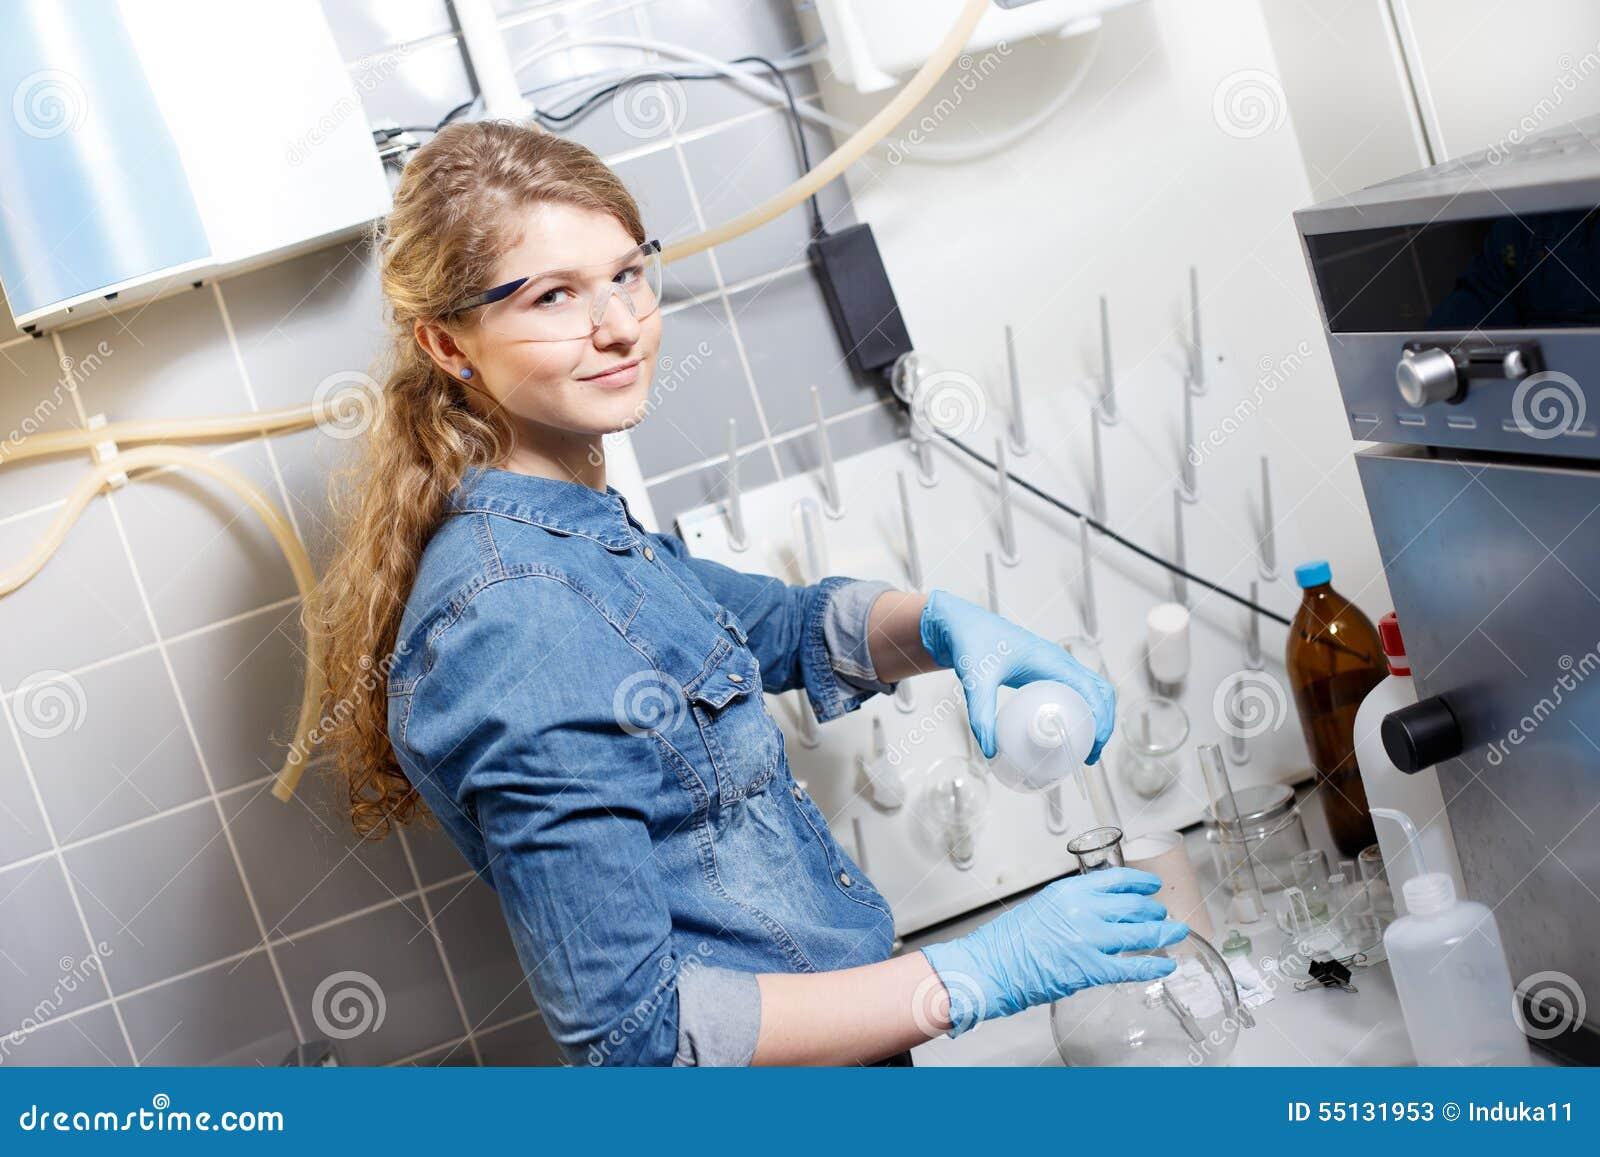 Naukowa badanie w lab środowisku